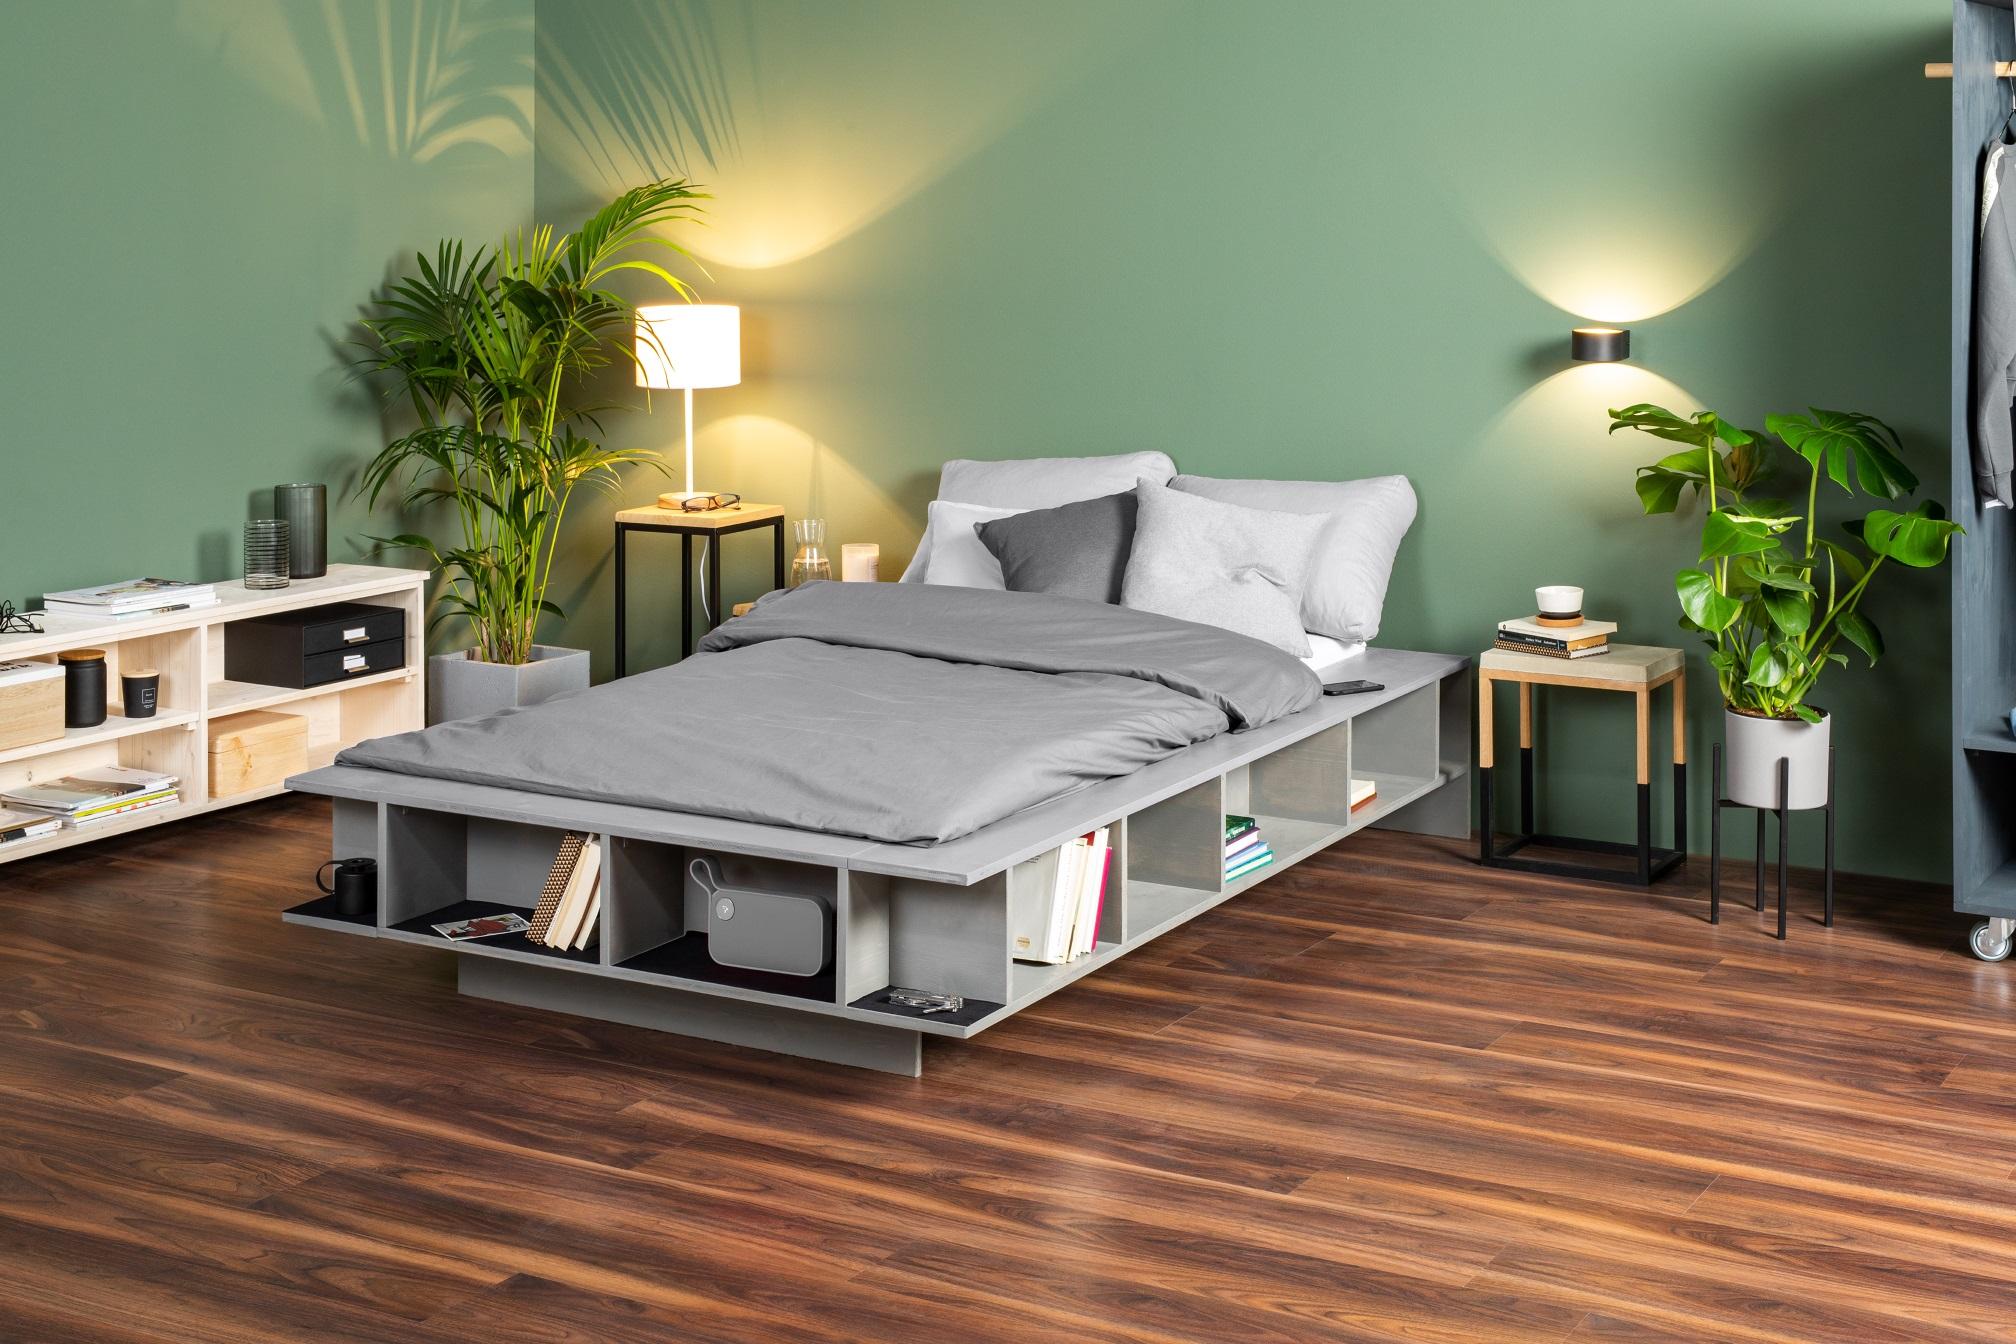 Full Size of Palettenbett 140x200 Ikea Bett Paletten Kaufen Aus Selber Bauen Anleitung Selbst Sofa Mit Schlaffunktion Küche Kosten Miniküche Betten 160x200 Bei Wohnzimmer Palettenbett Ikea